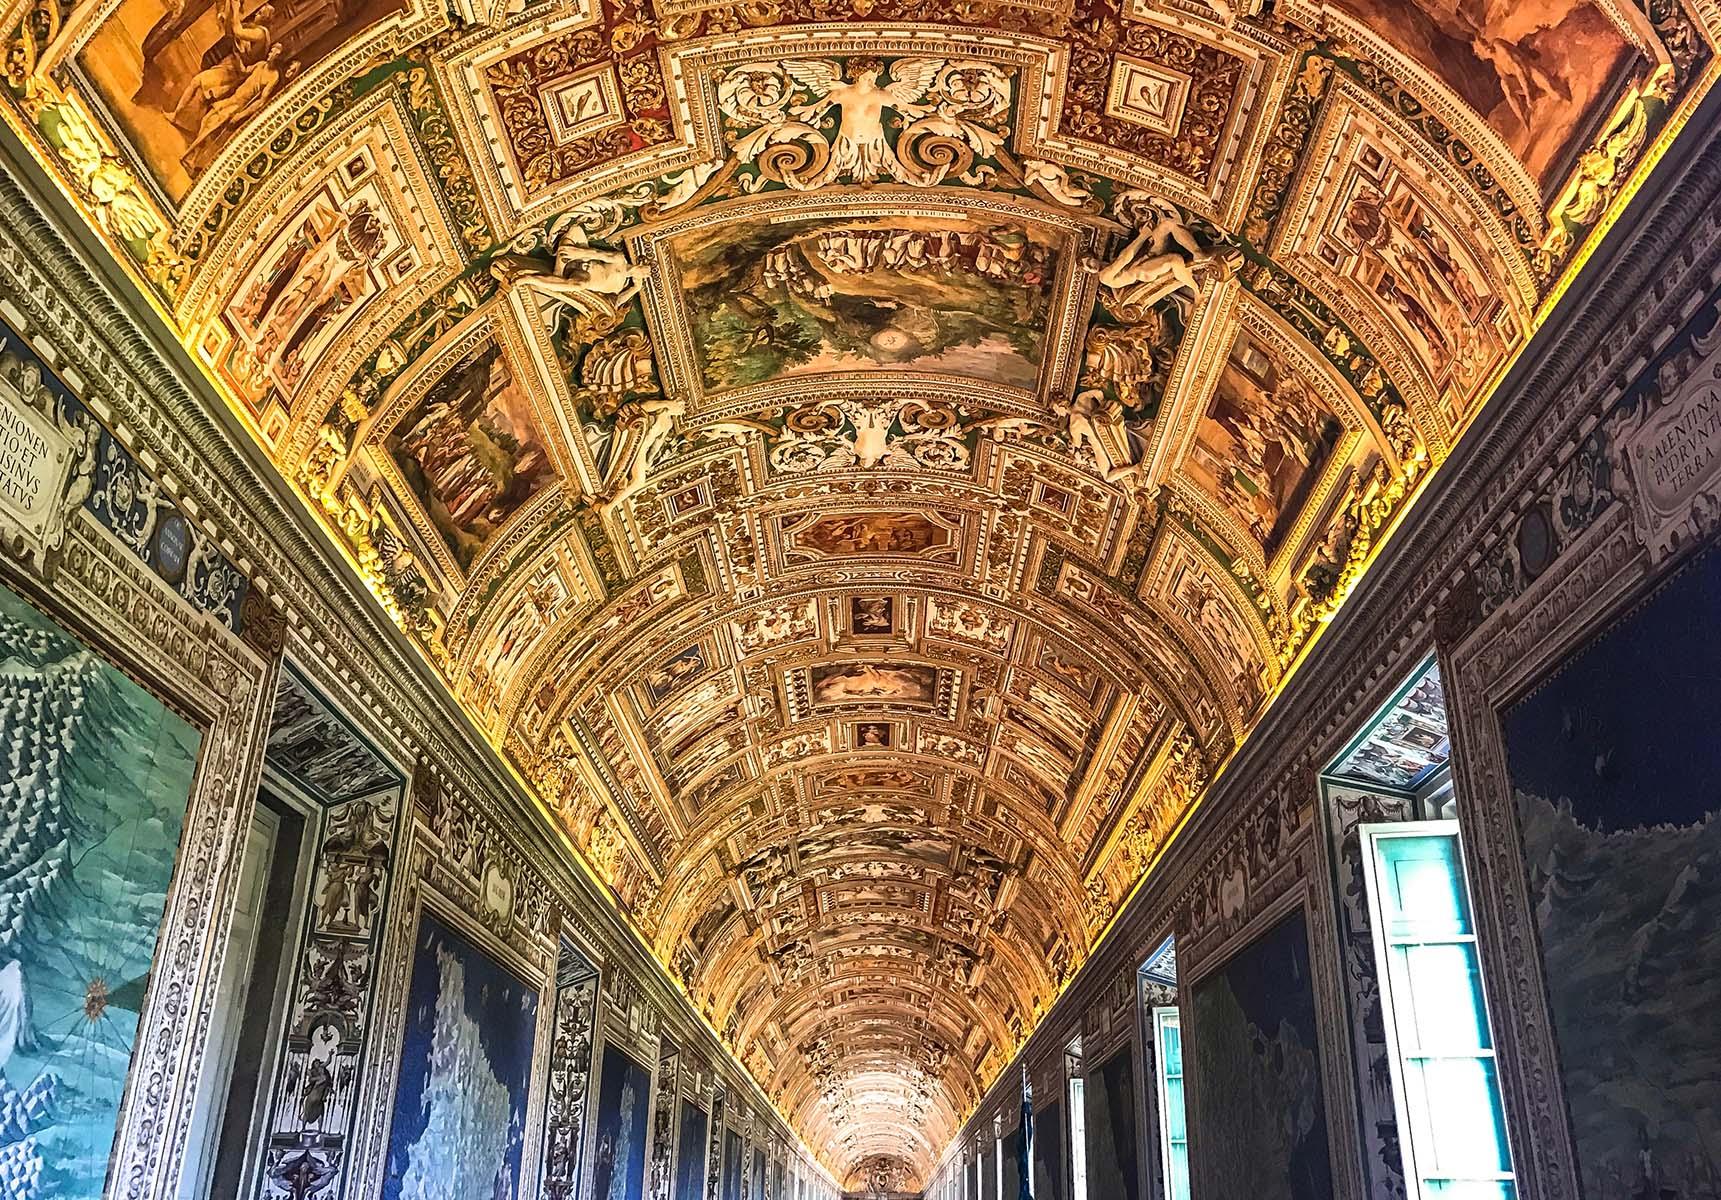 Galerie musées du vatican rome italie